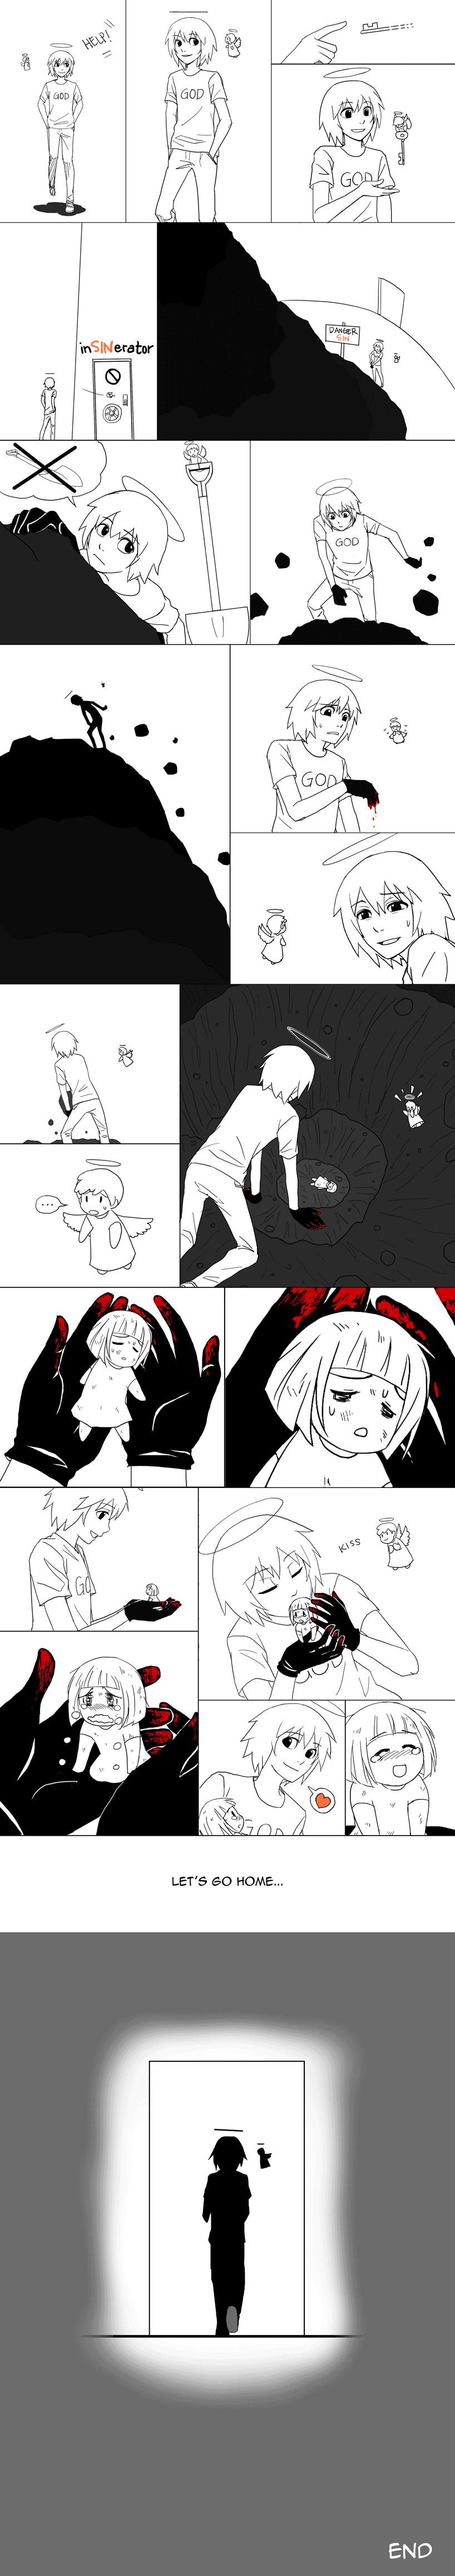 Filler 7